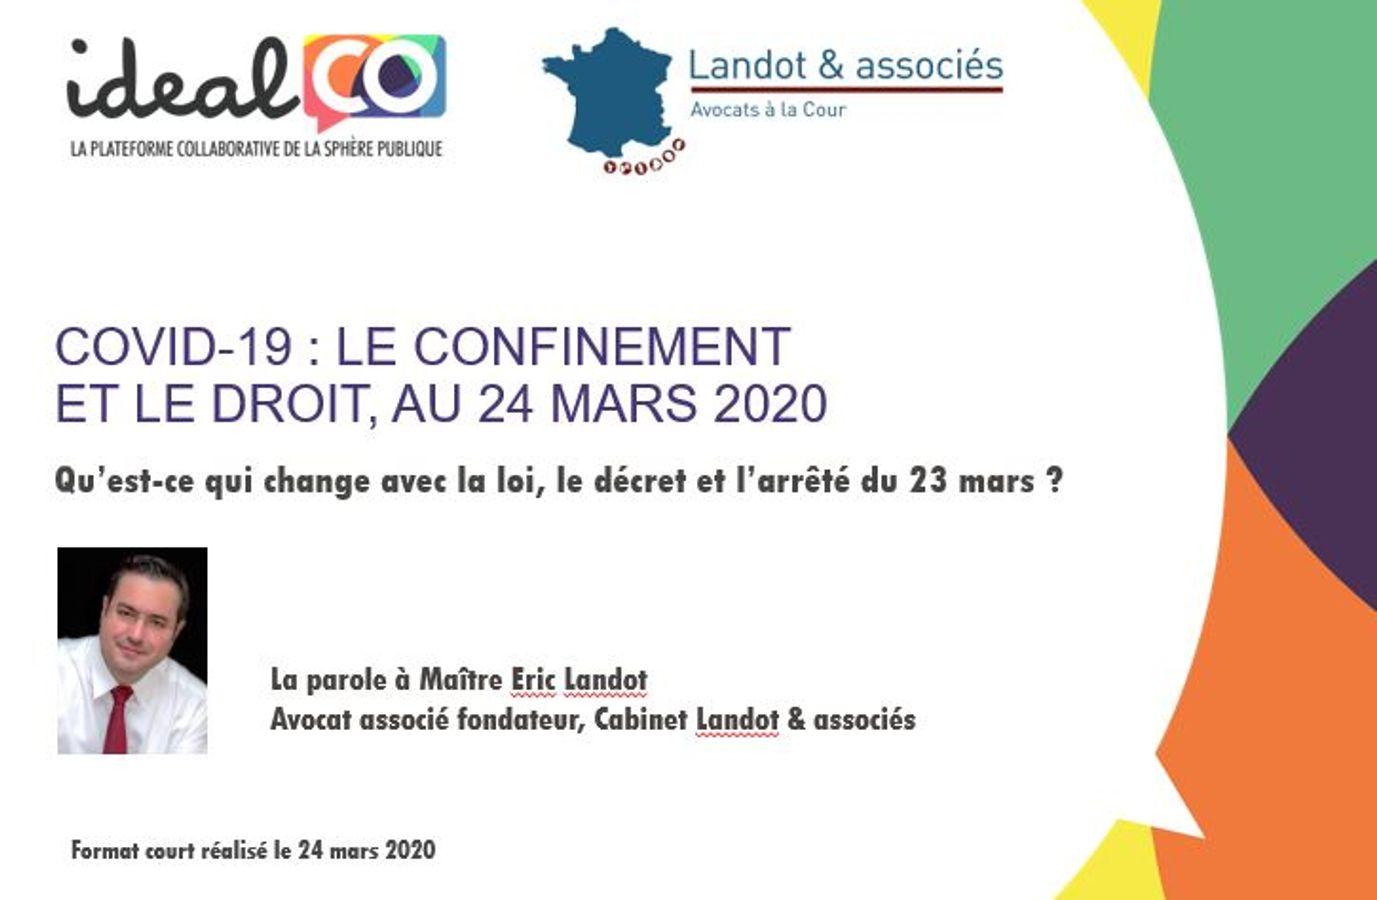 Covid-19 : le confinement et le droit, au 24 mars 2020